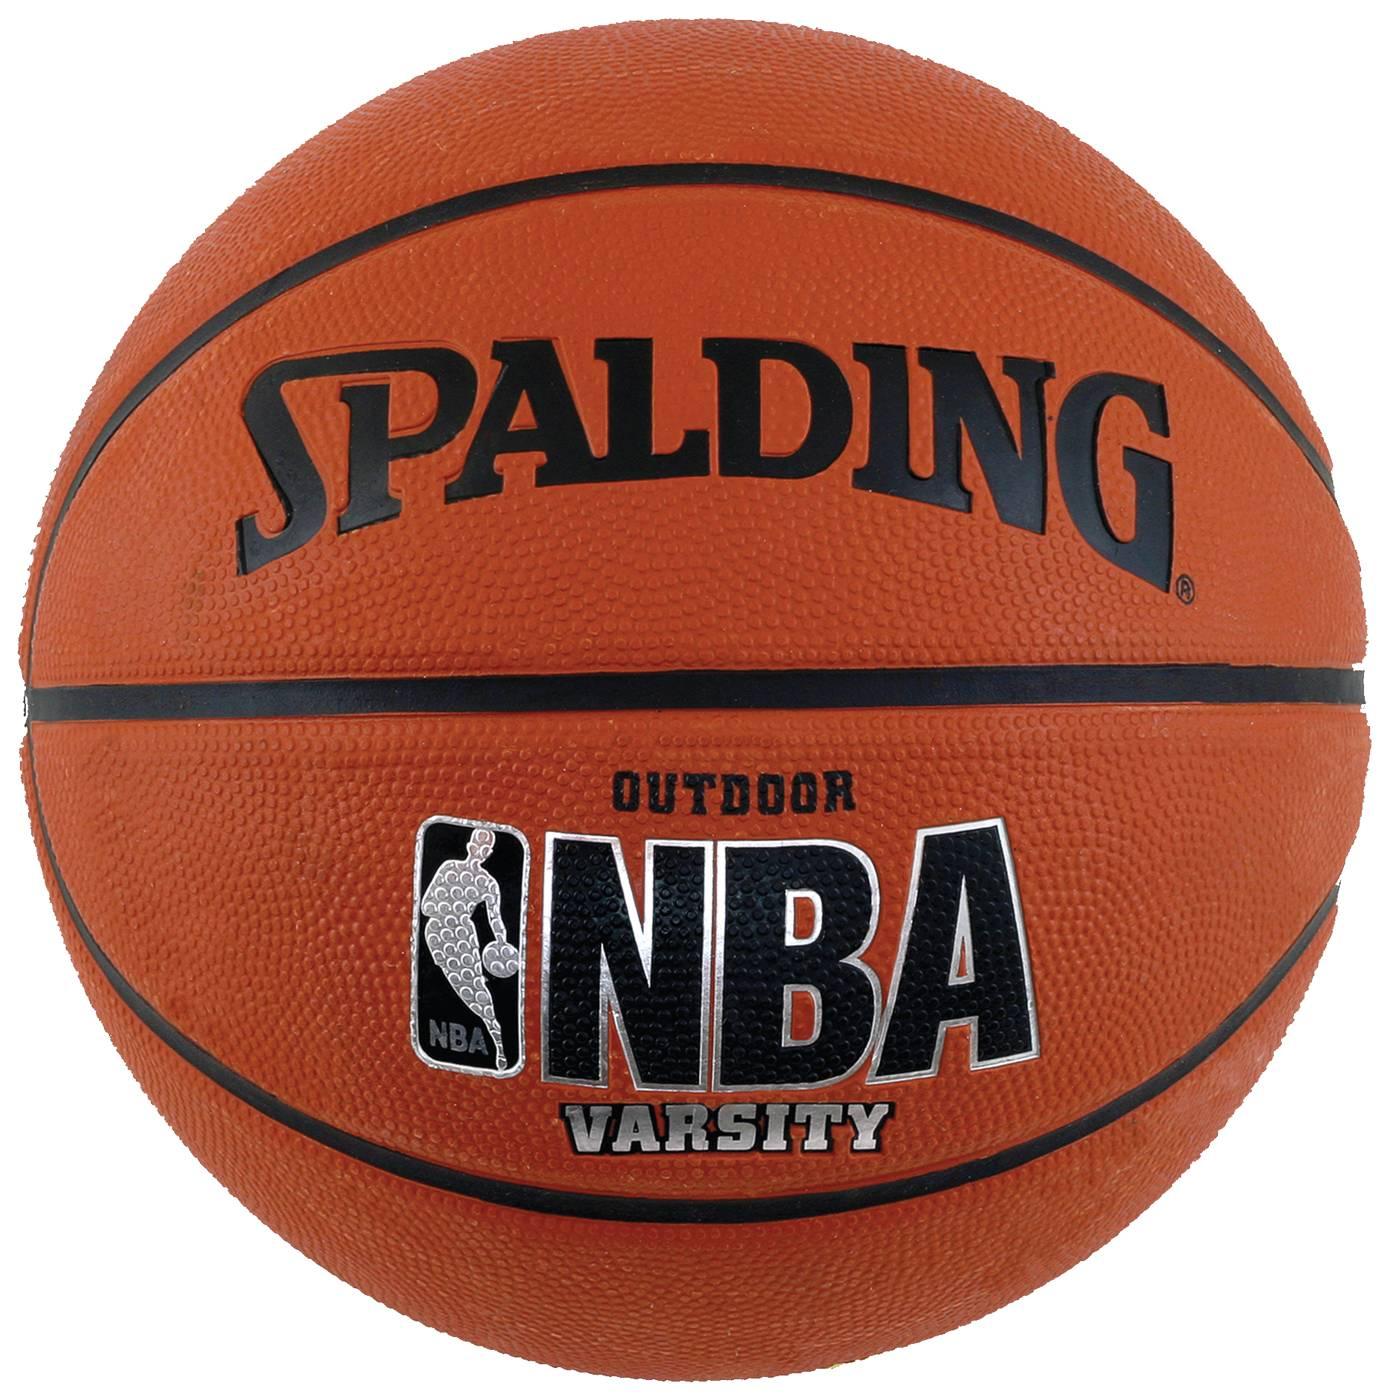 spalding nba varsity basketball 29 5. Black Bedroom Furniture Sets. Home Design Ideas